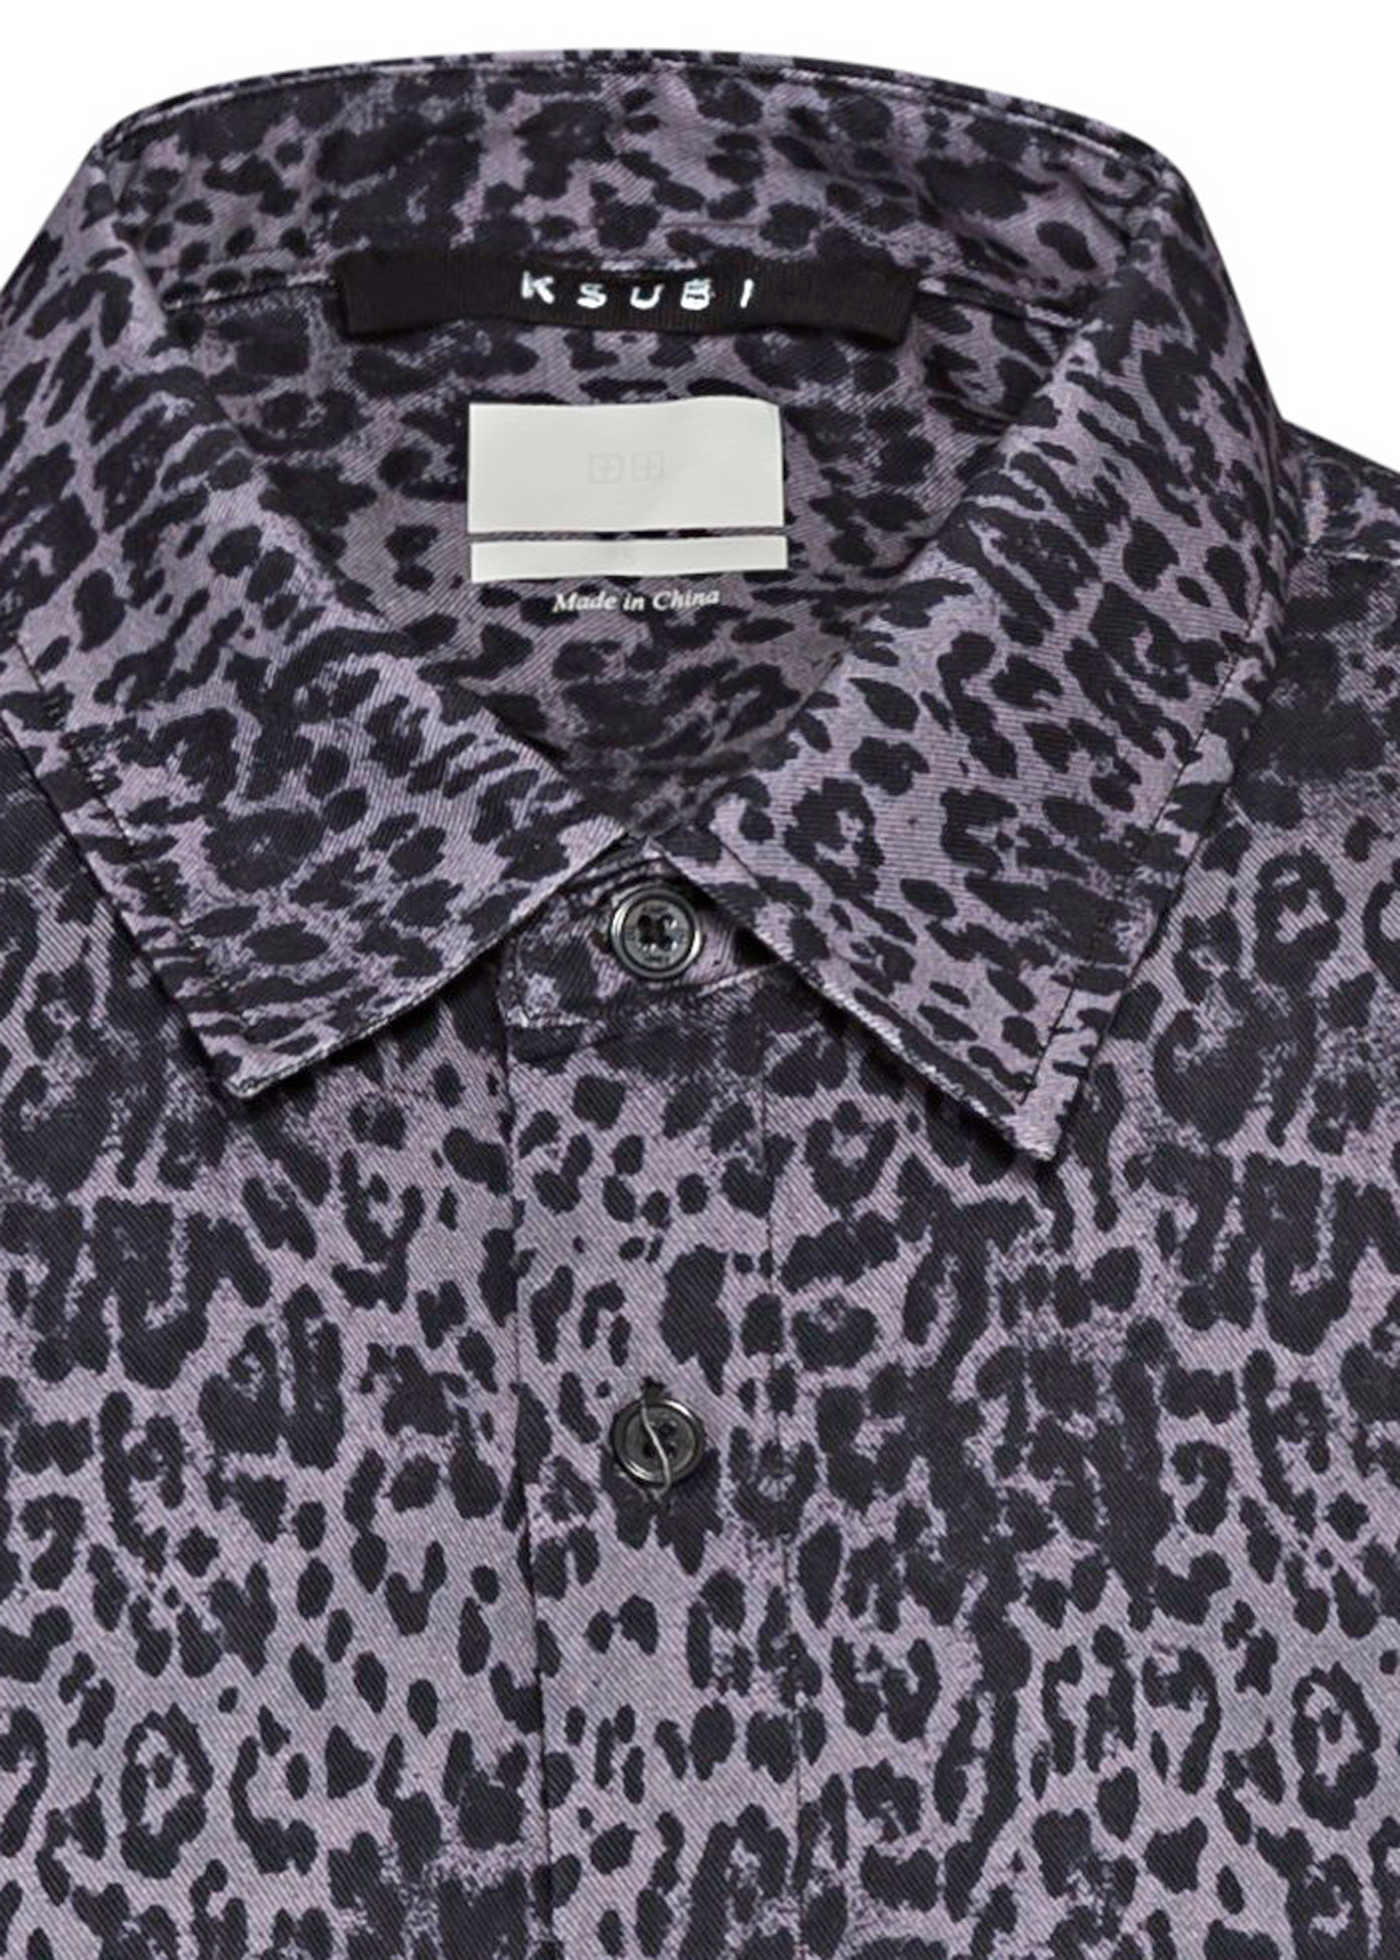 jungle ss shirt black leopard image number 2